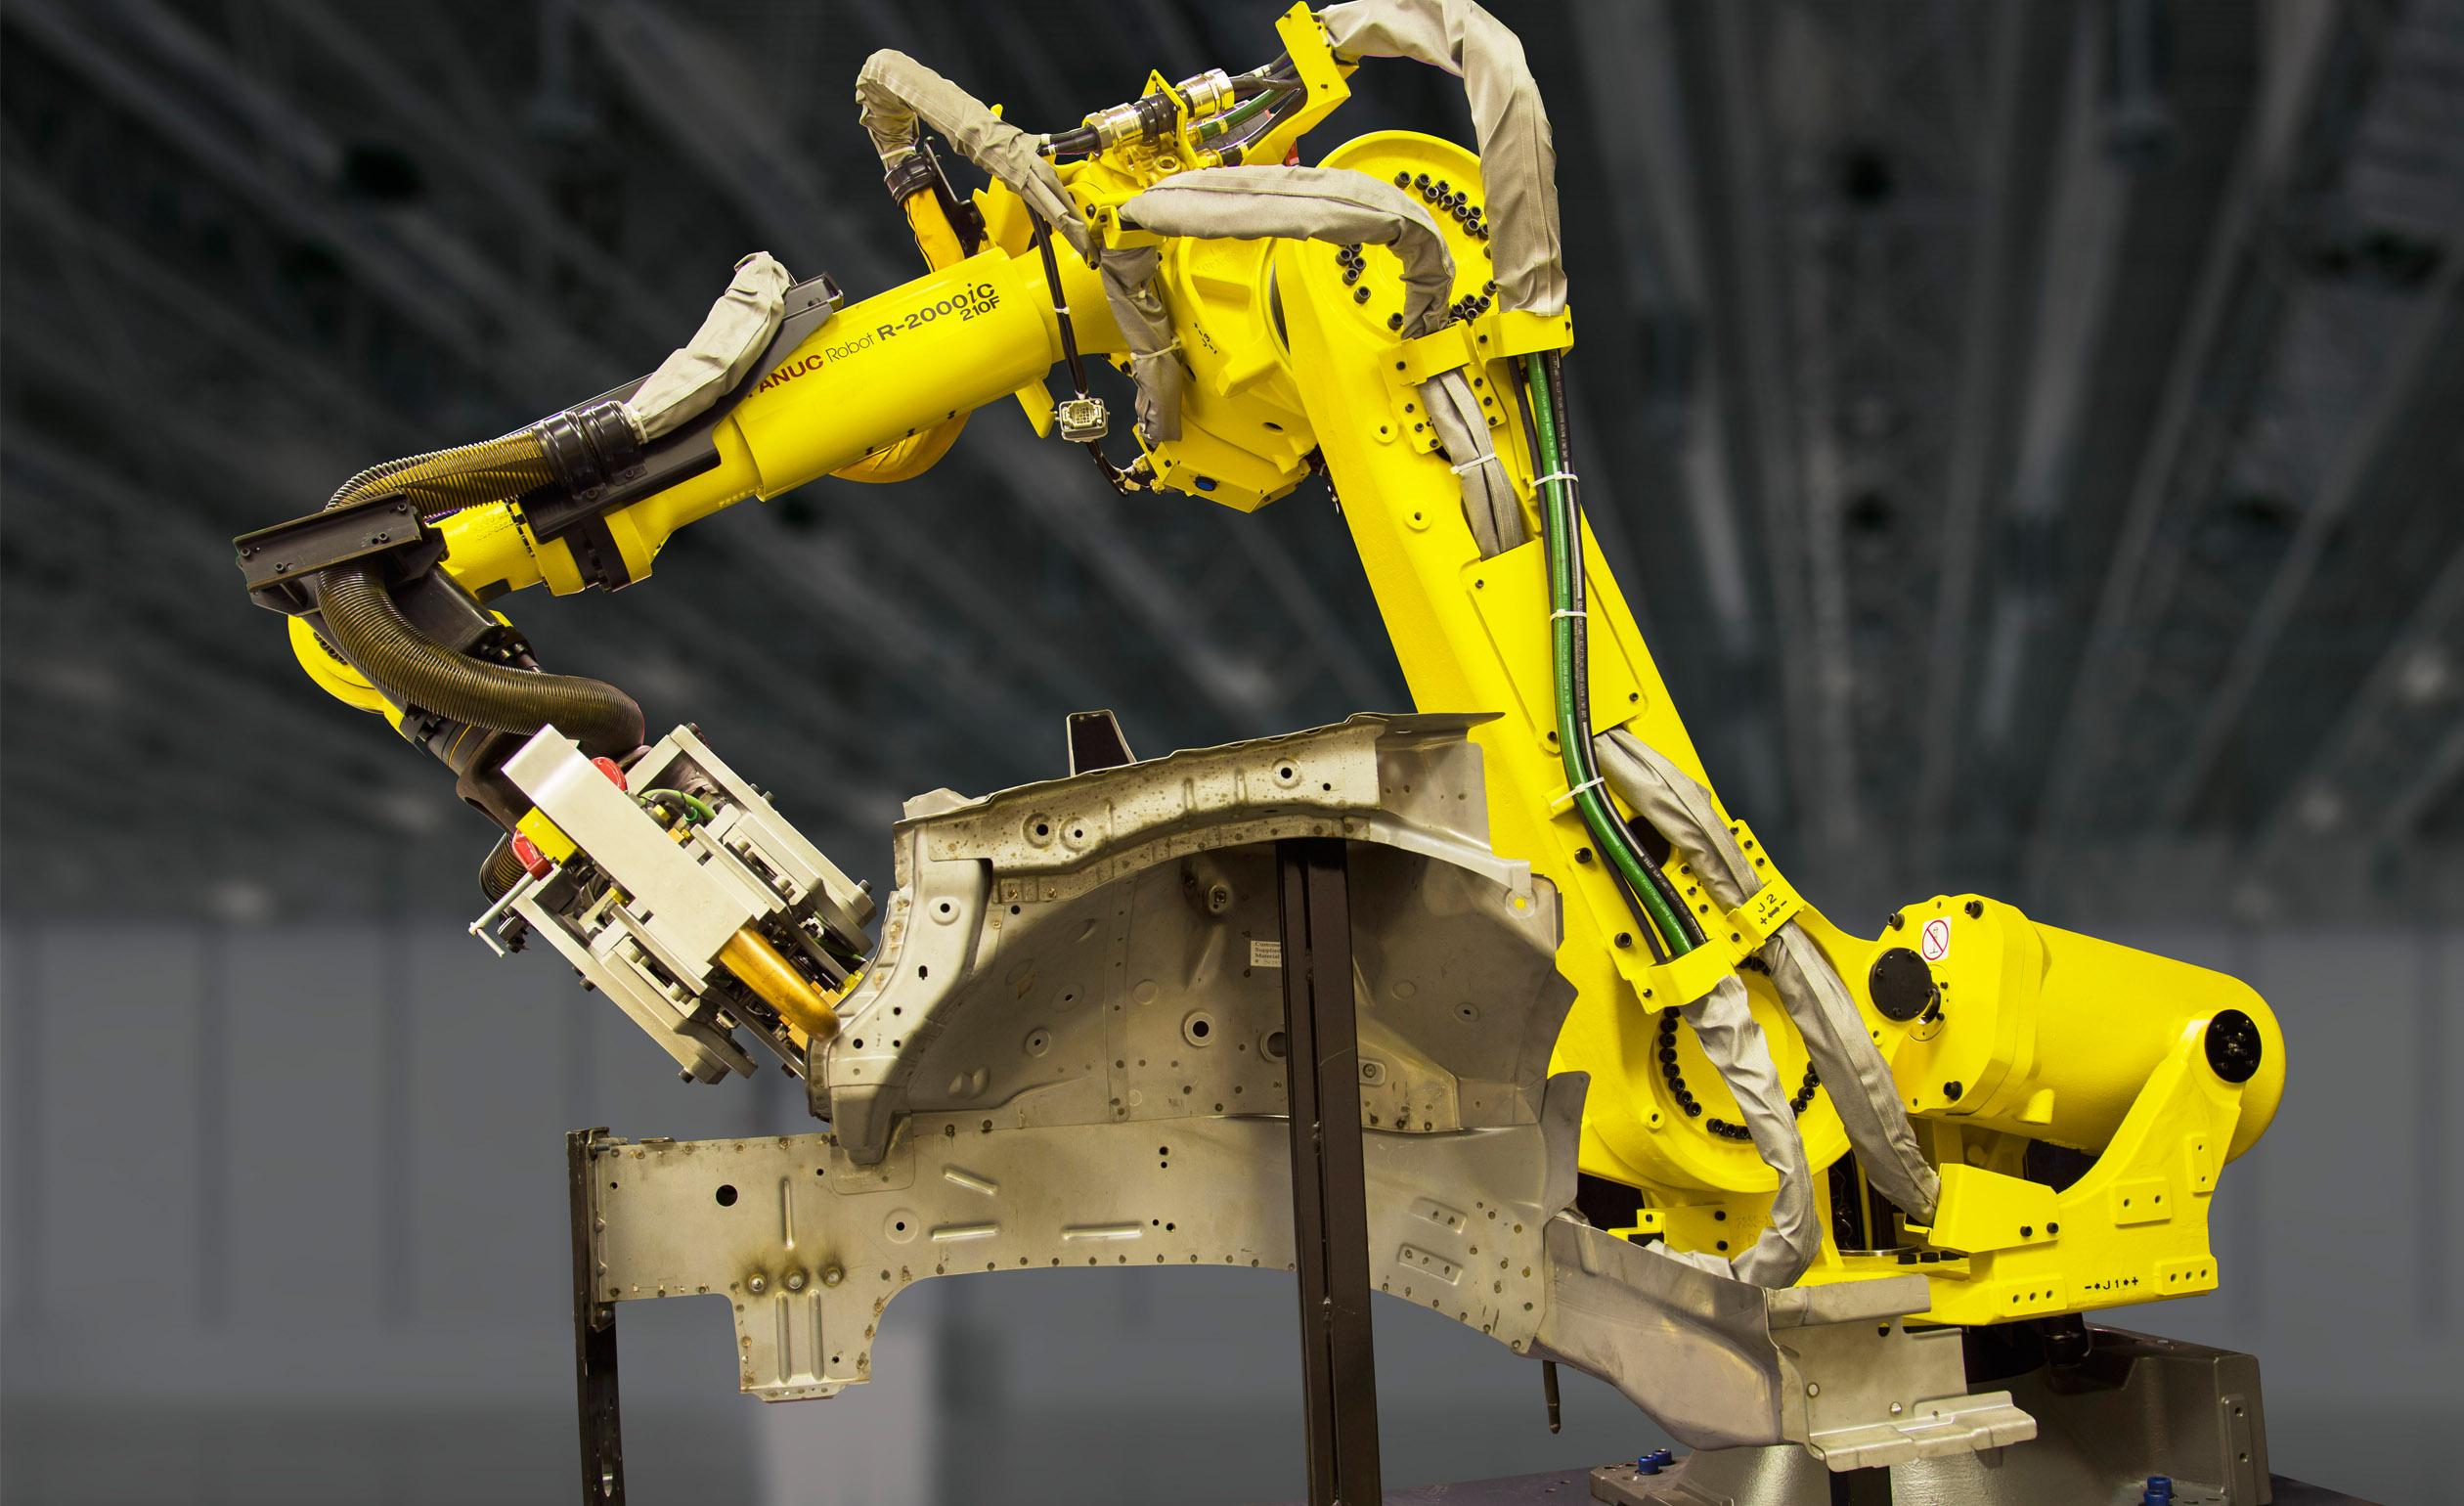 Fanuc's R-2000iC-210F-LVC automotive spot-welding robot.